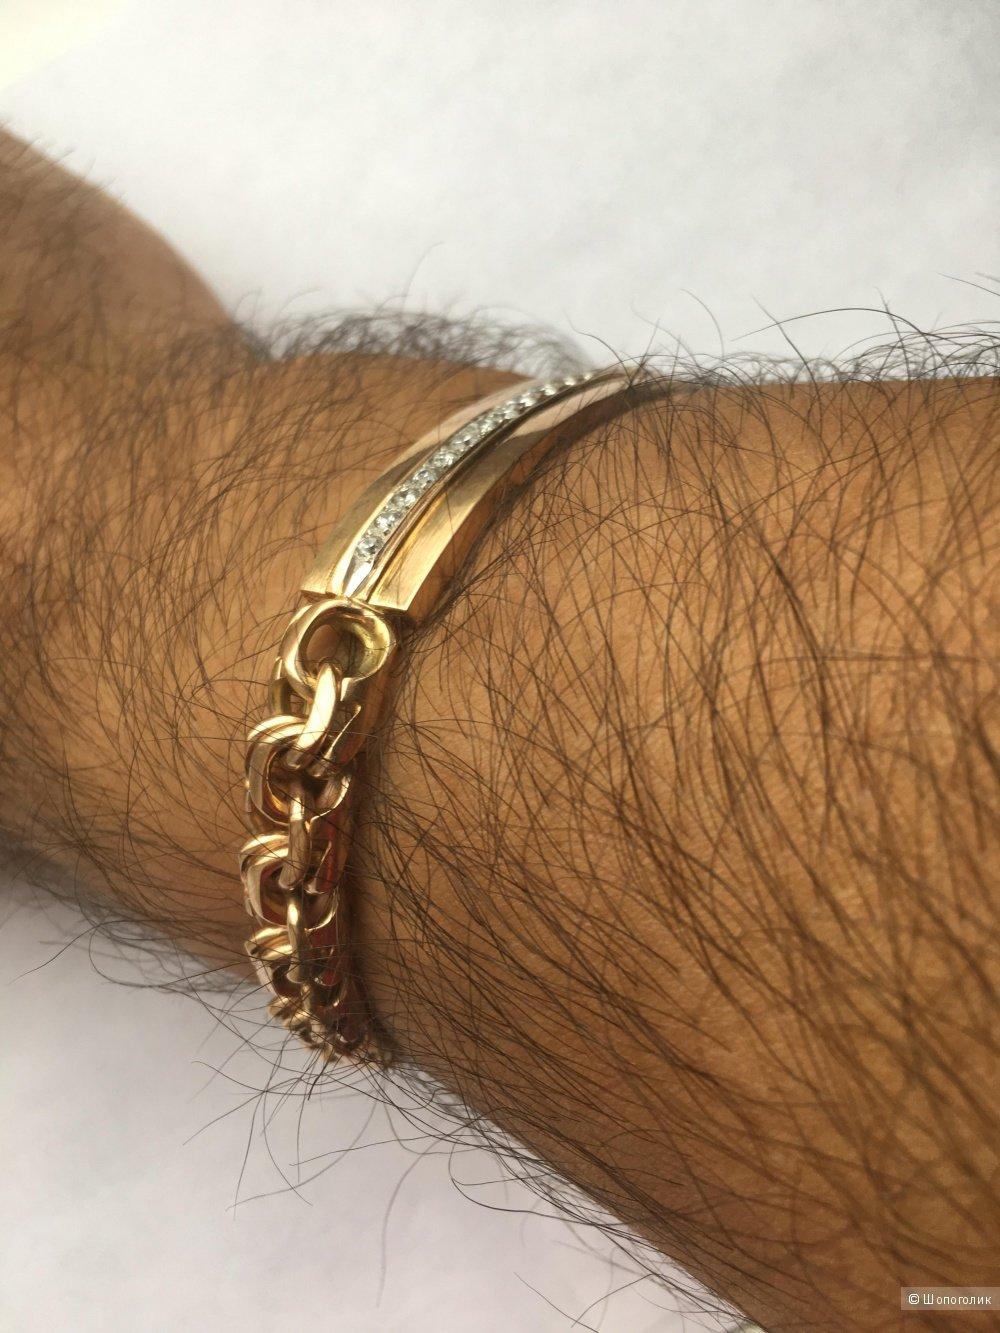 Мужской золотой браслет на руке в картинках